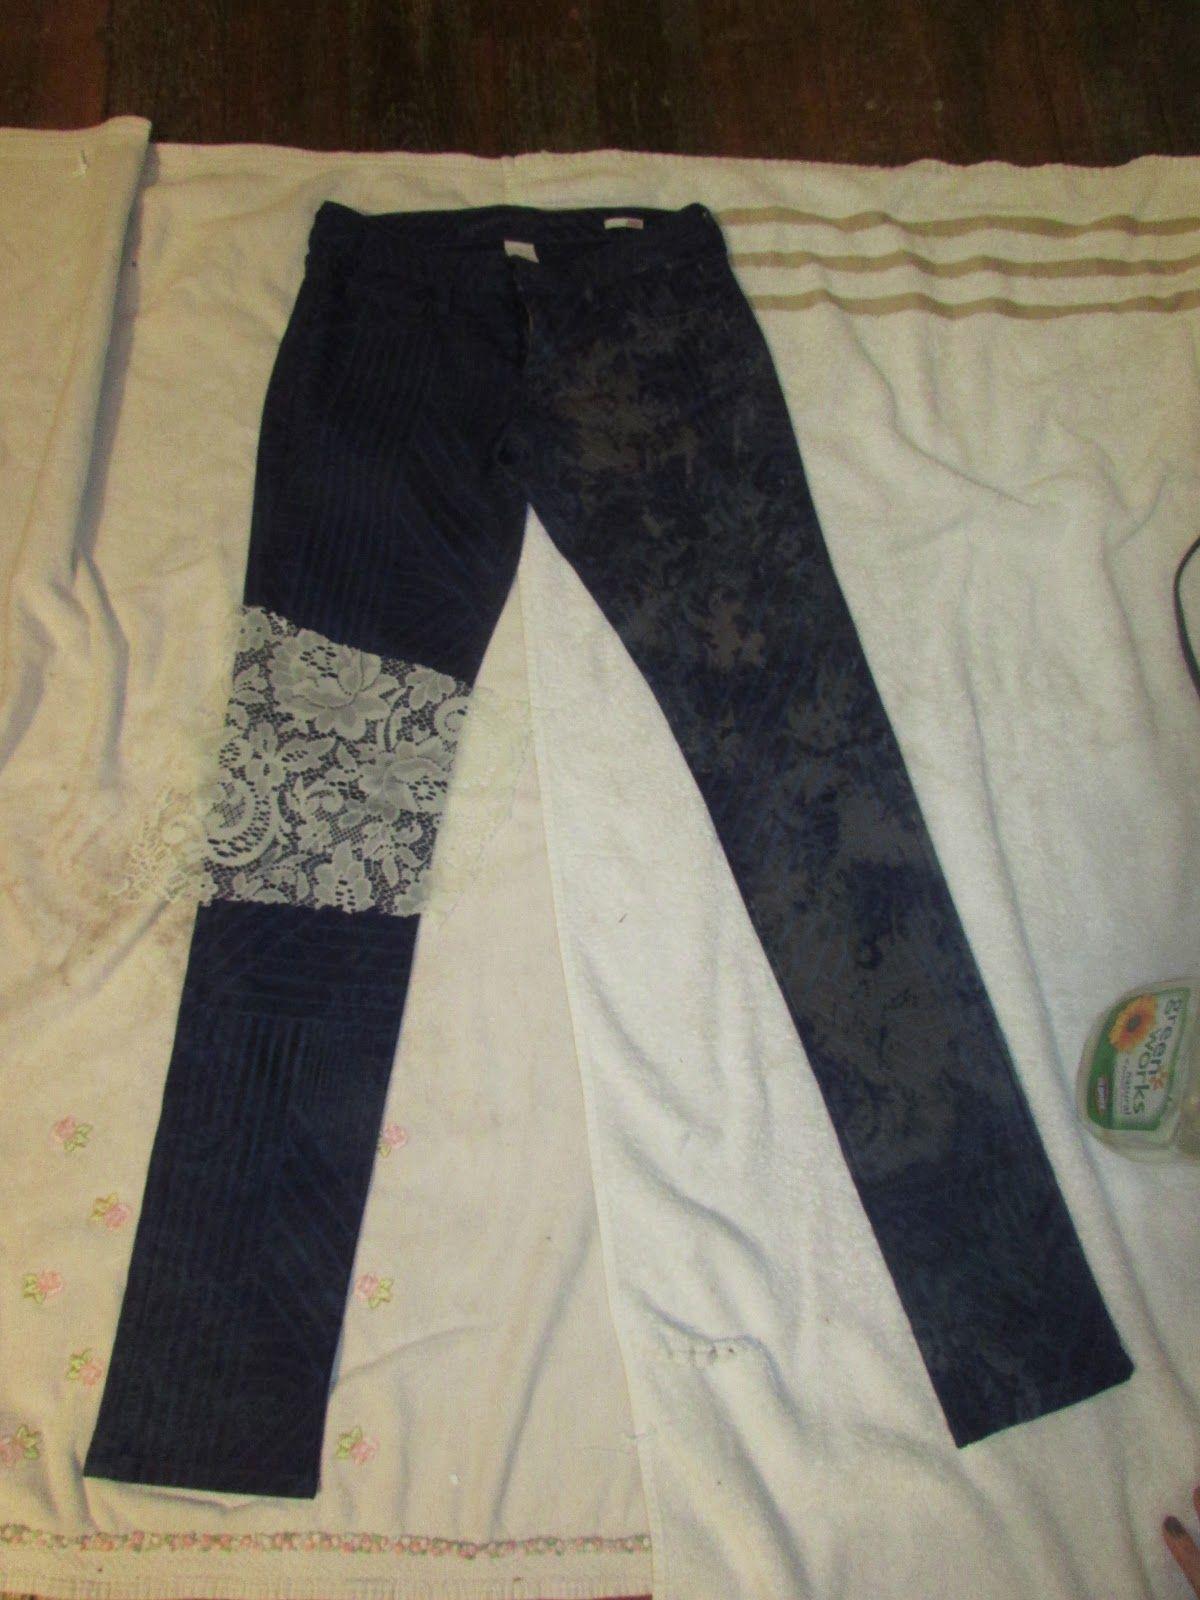 Mit Bleiche Muster in Jeans sprayen | Zukünftige Projekte ...